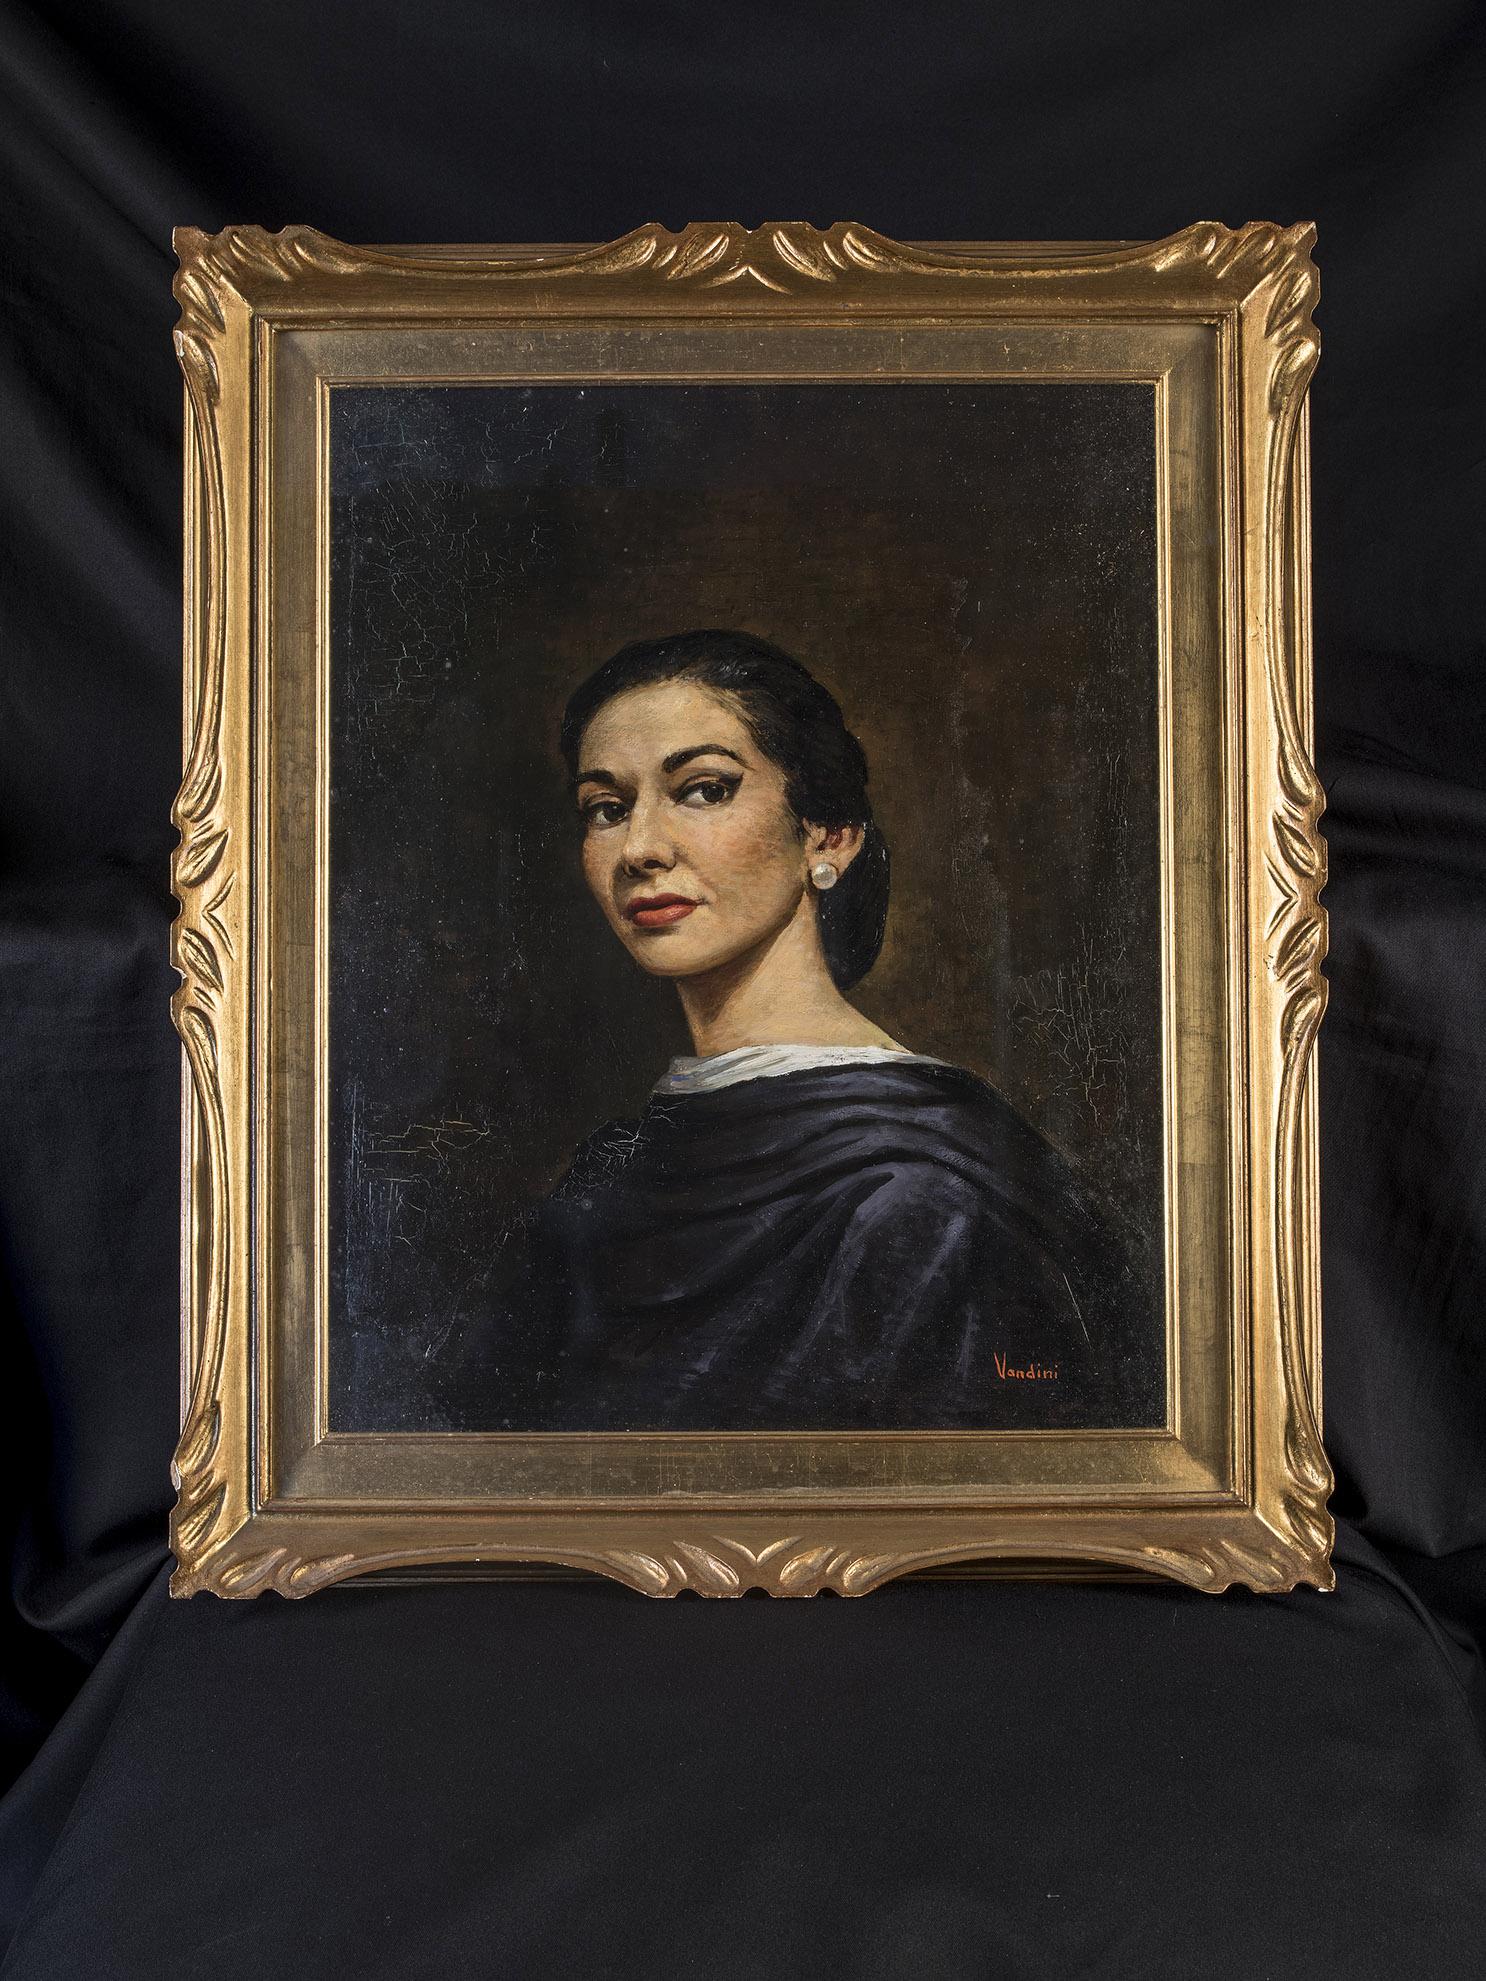 65a1350fa387 Ο πίνακας αυτός αποτελεί το πρώτο πορτραίτο – από τα 7-8 που διέθετε η  Κάλλας– και κοσμούσε